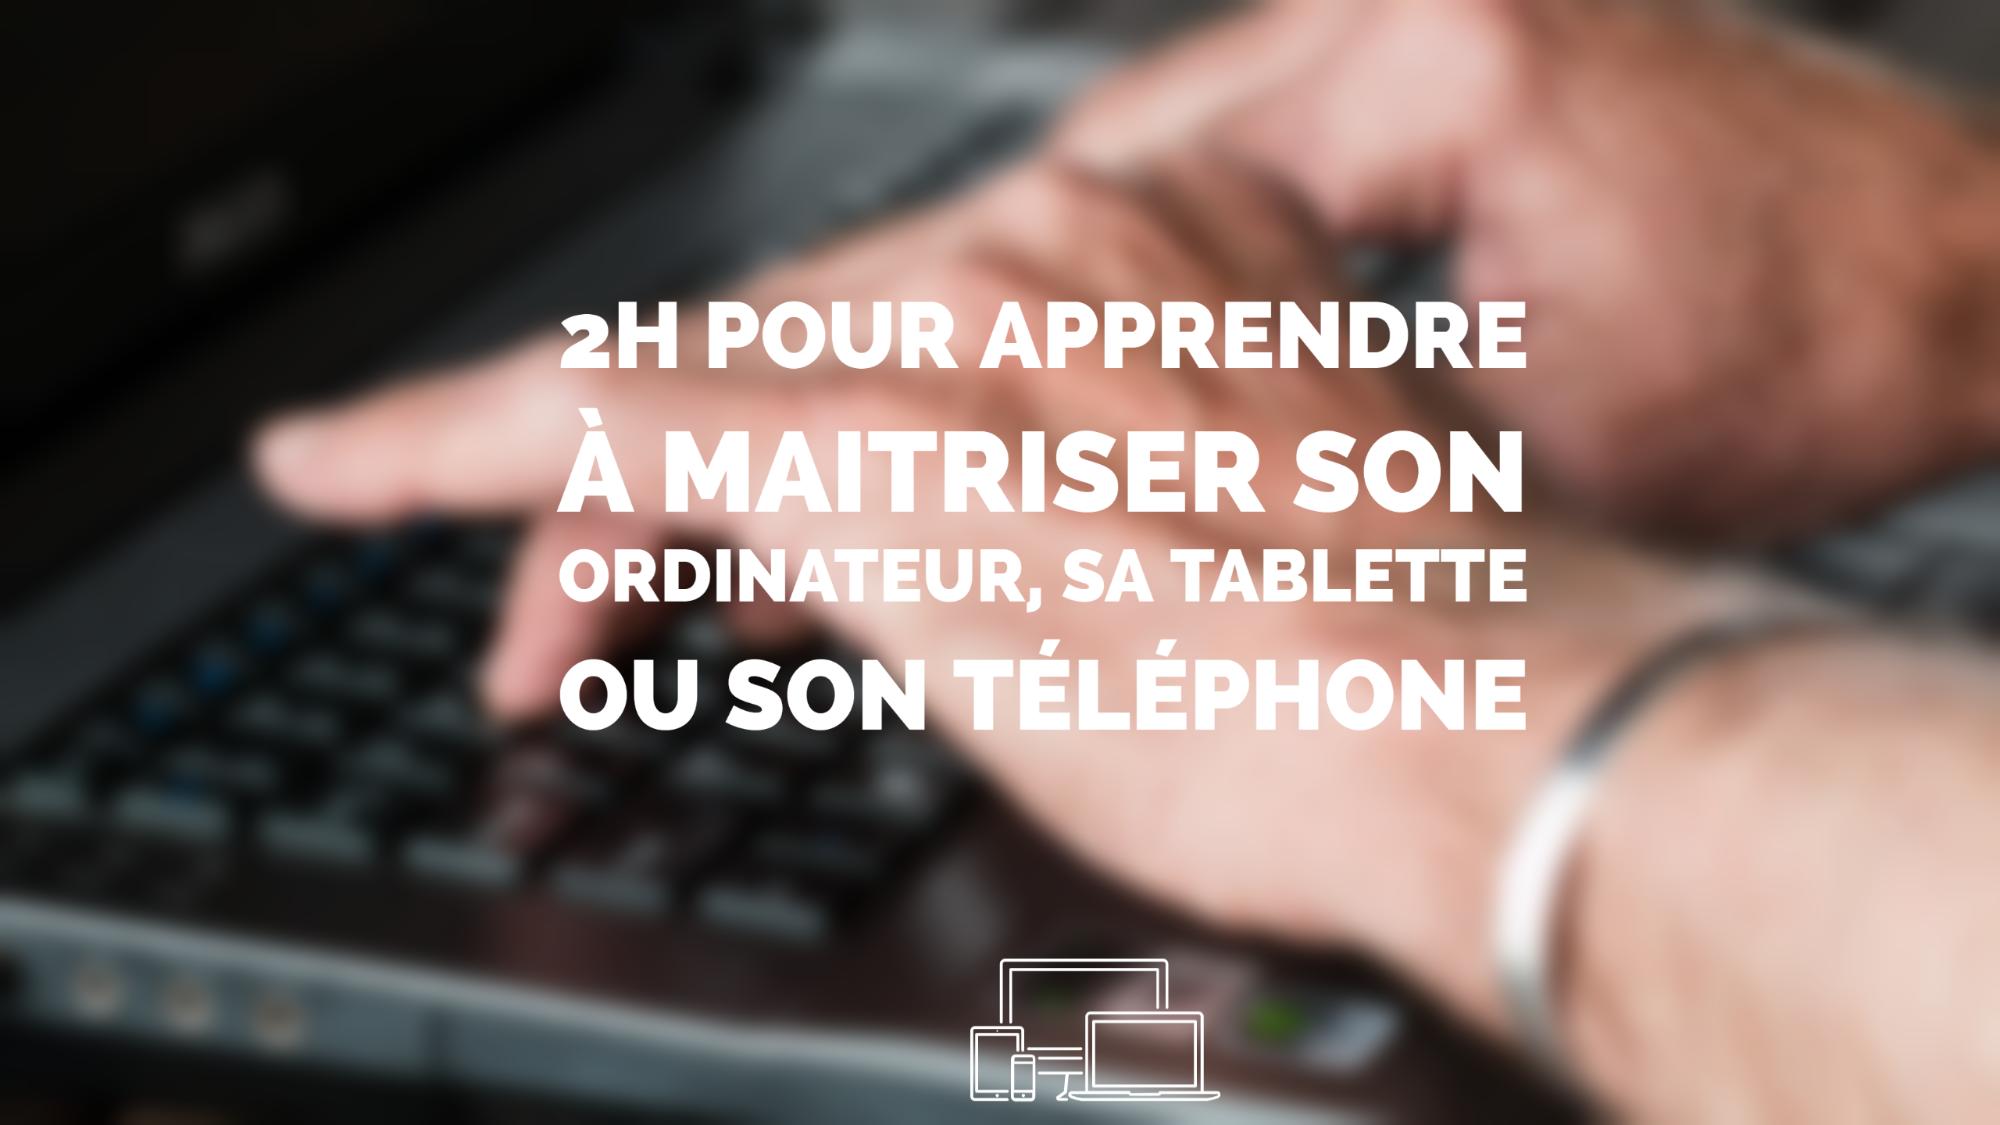 Représentation de la formation : 2h pour apprendre à maitriser son ordinateur, sa tablette ou son téléphone